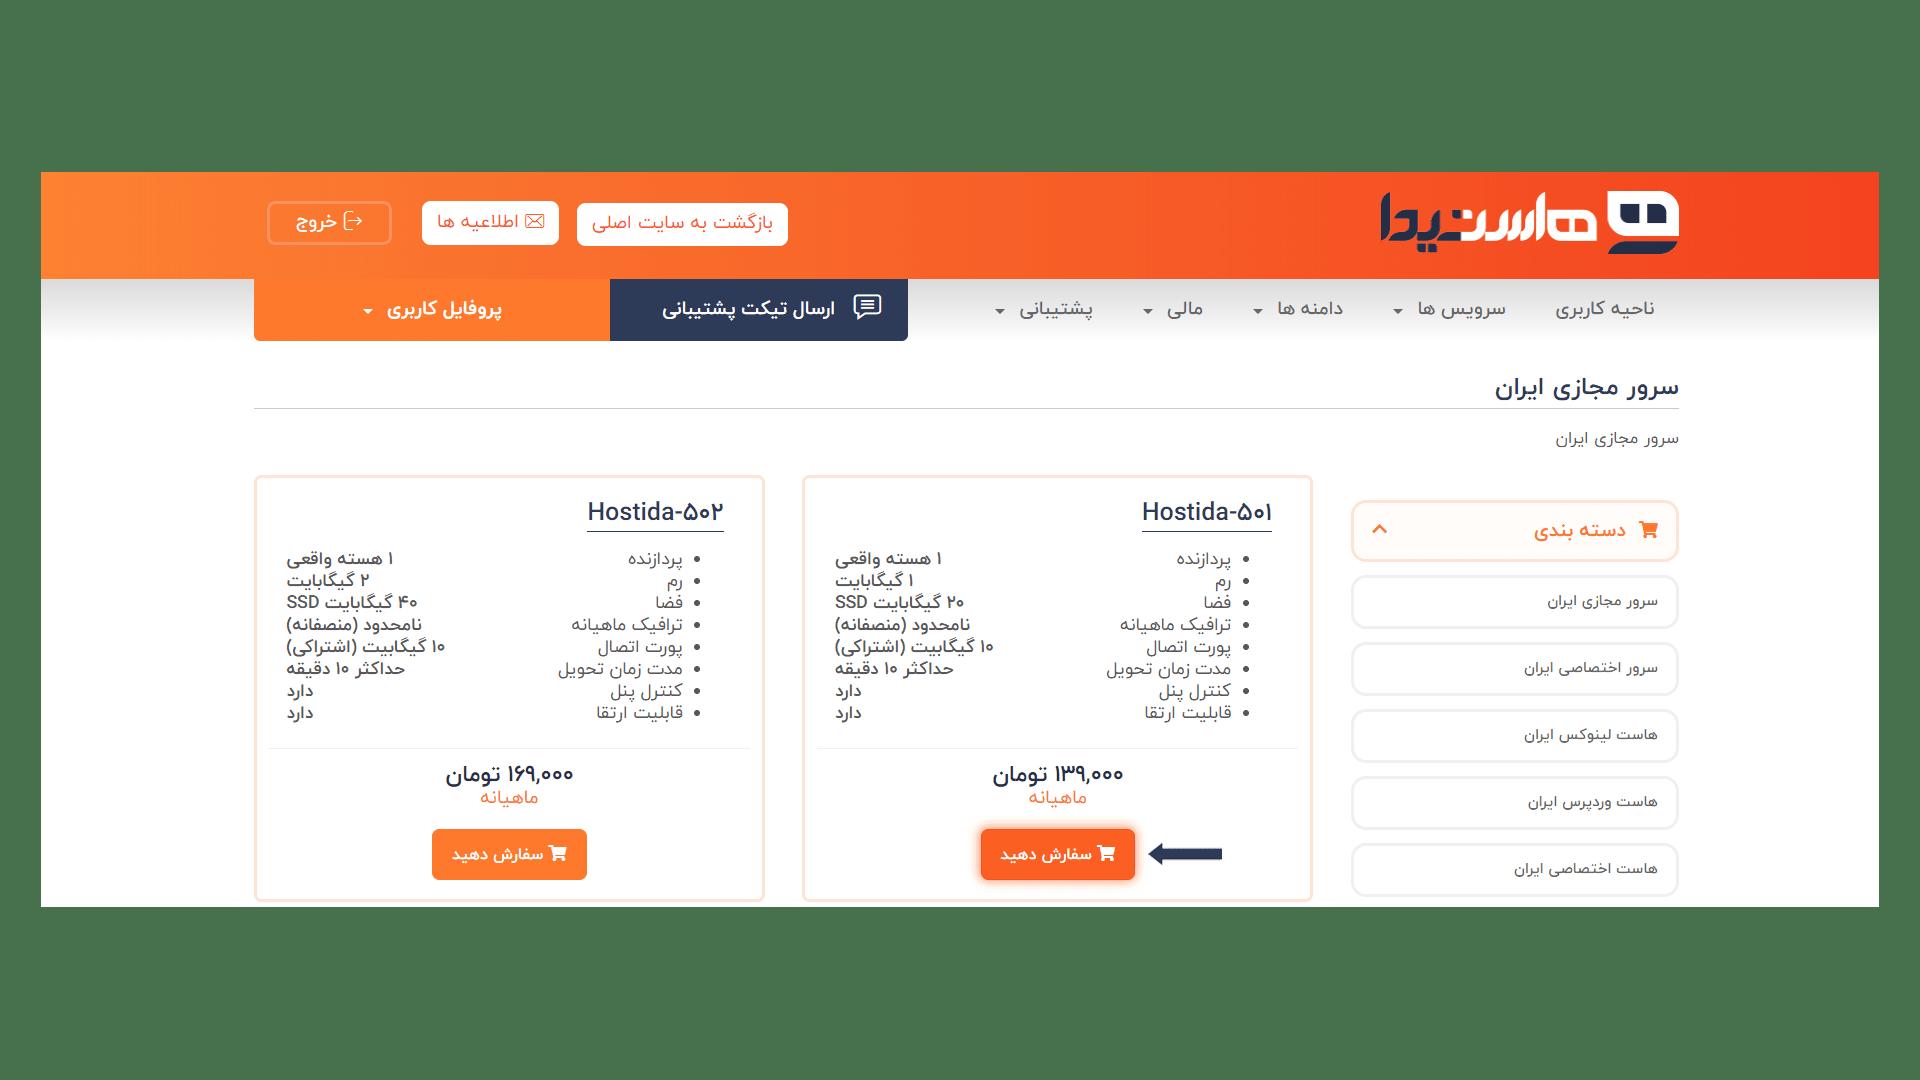 مشاهده و انتخاب پلن های سرور مجازی ایران هاستیدا